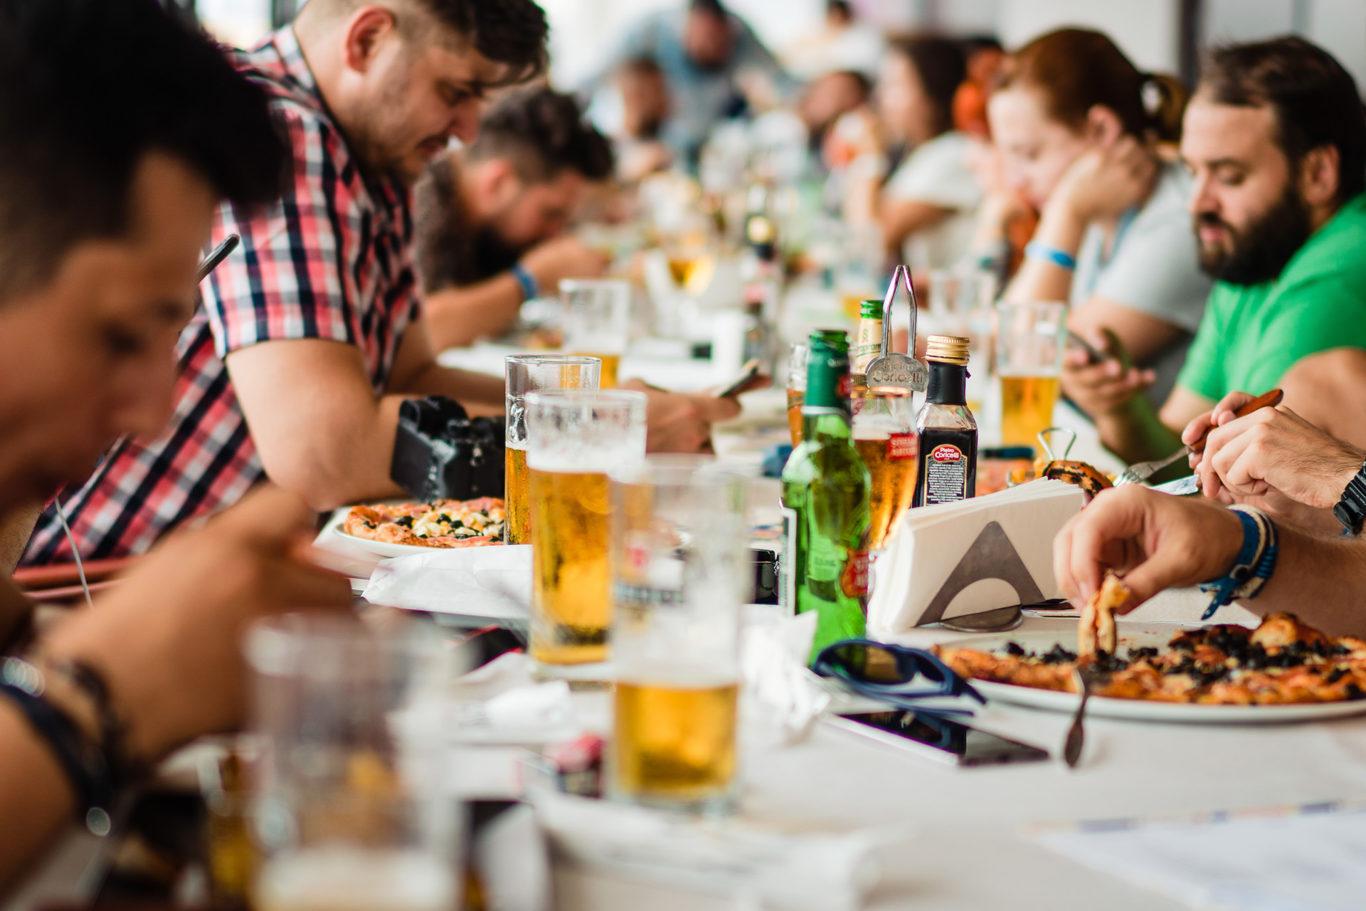 Toata lumea la masa la Weddcamp